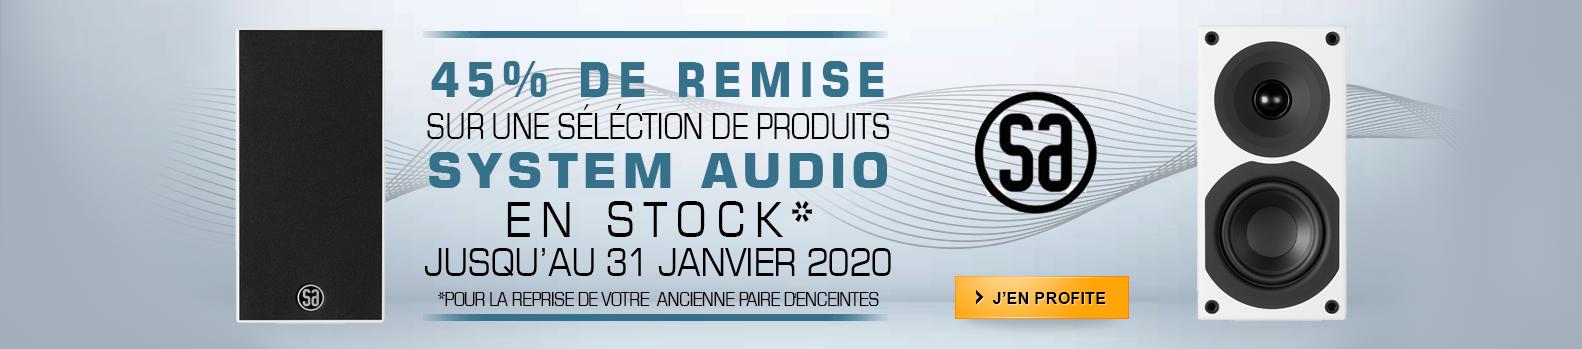 Offre de reprise ! Profitez de -45% sur une sélection de produits System Audio jusqu'au 31 Janvier 2020